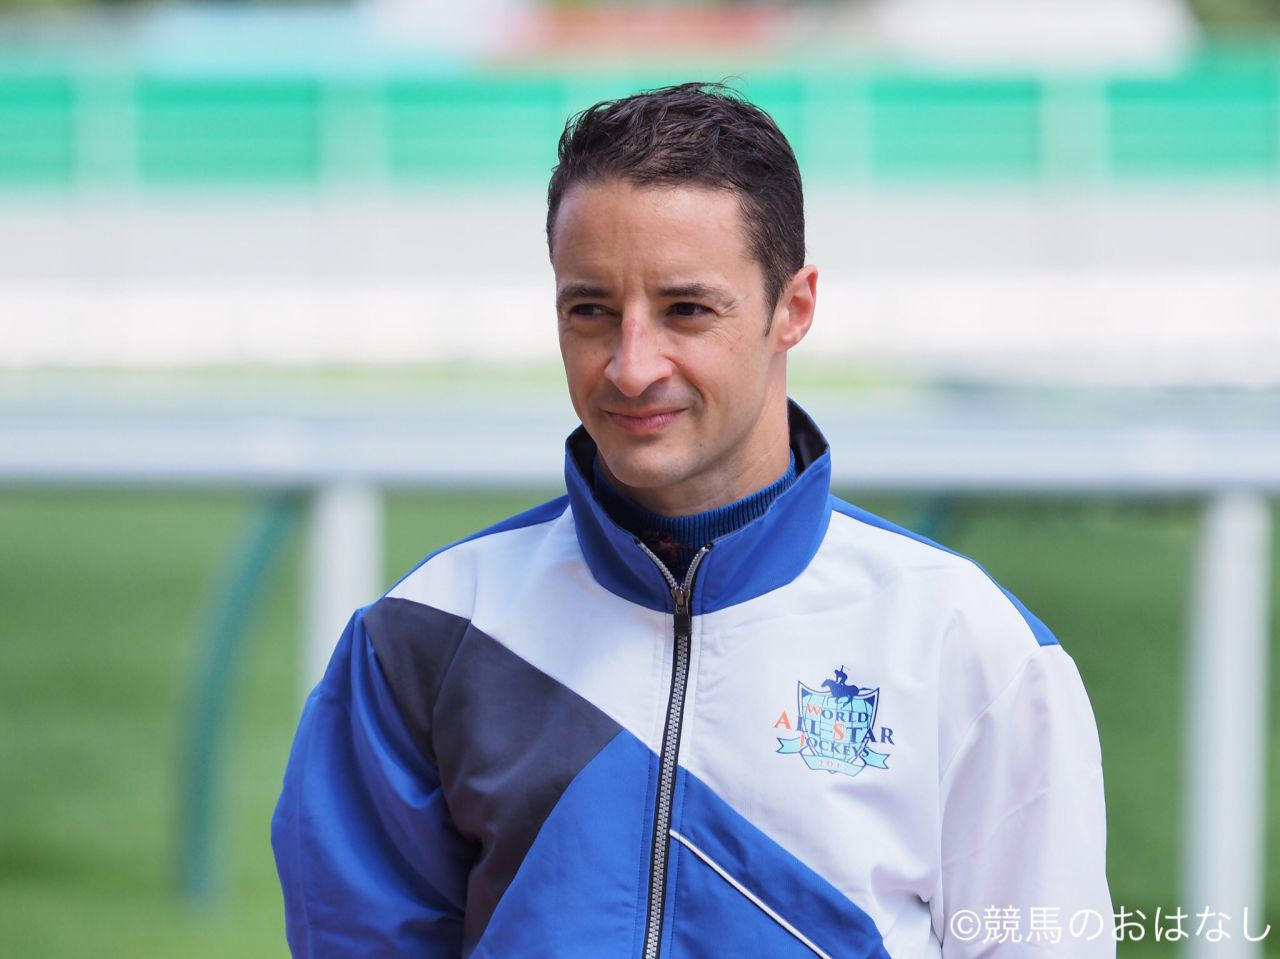 【ステイヤーズS】蛯名「前の馬は多分大丈夫だなと思っていた」リッジマンが重賞初制覇!